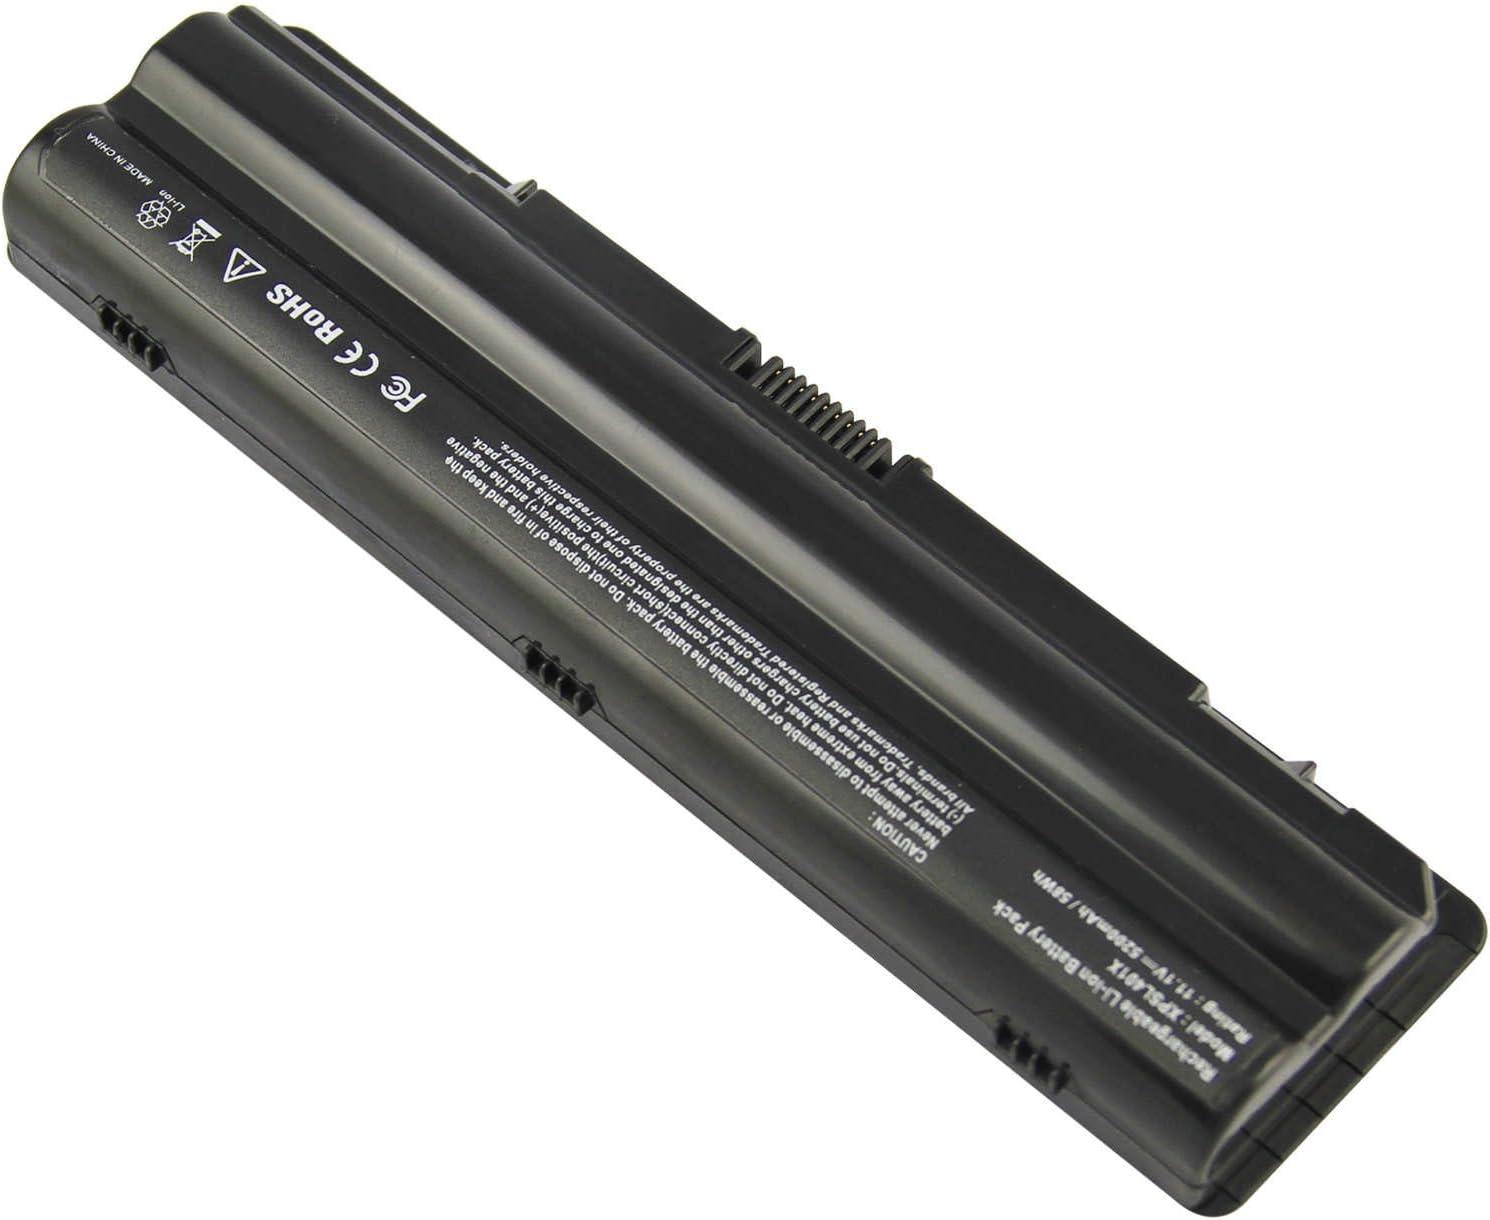 6 Celdas 5200mAh 11.1V Negro DTK Bater/ía de Repuesto para Port/átil for DELL XPS 15 L501x L502x 17 L701x L702x Ordenador